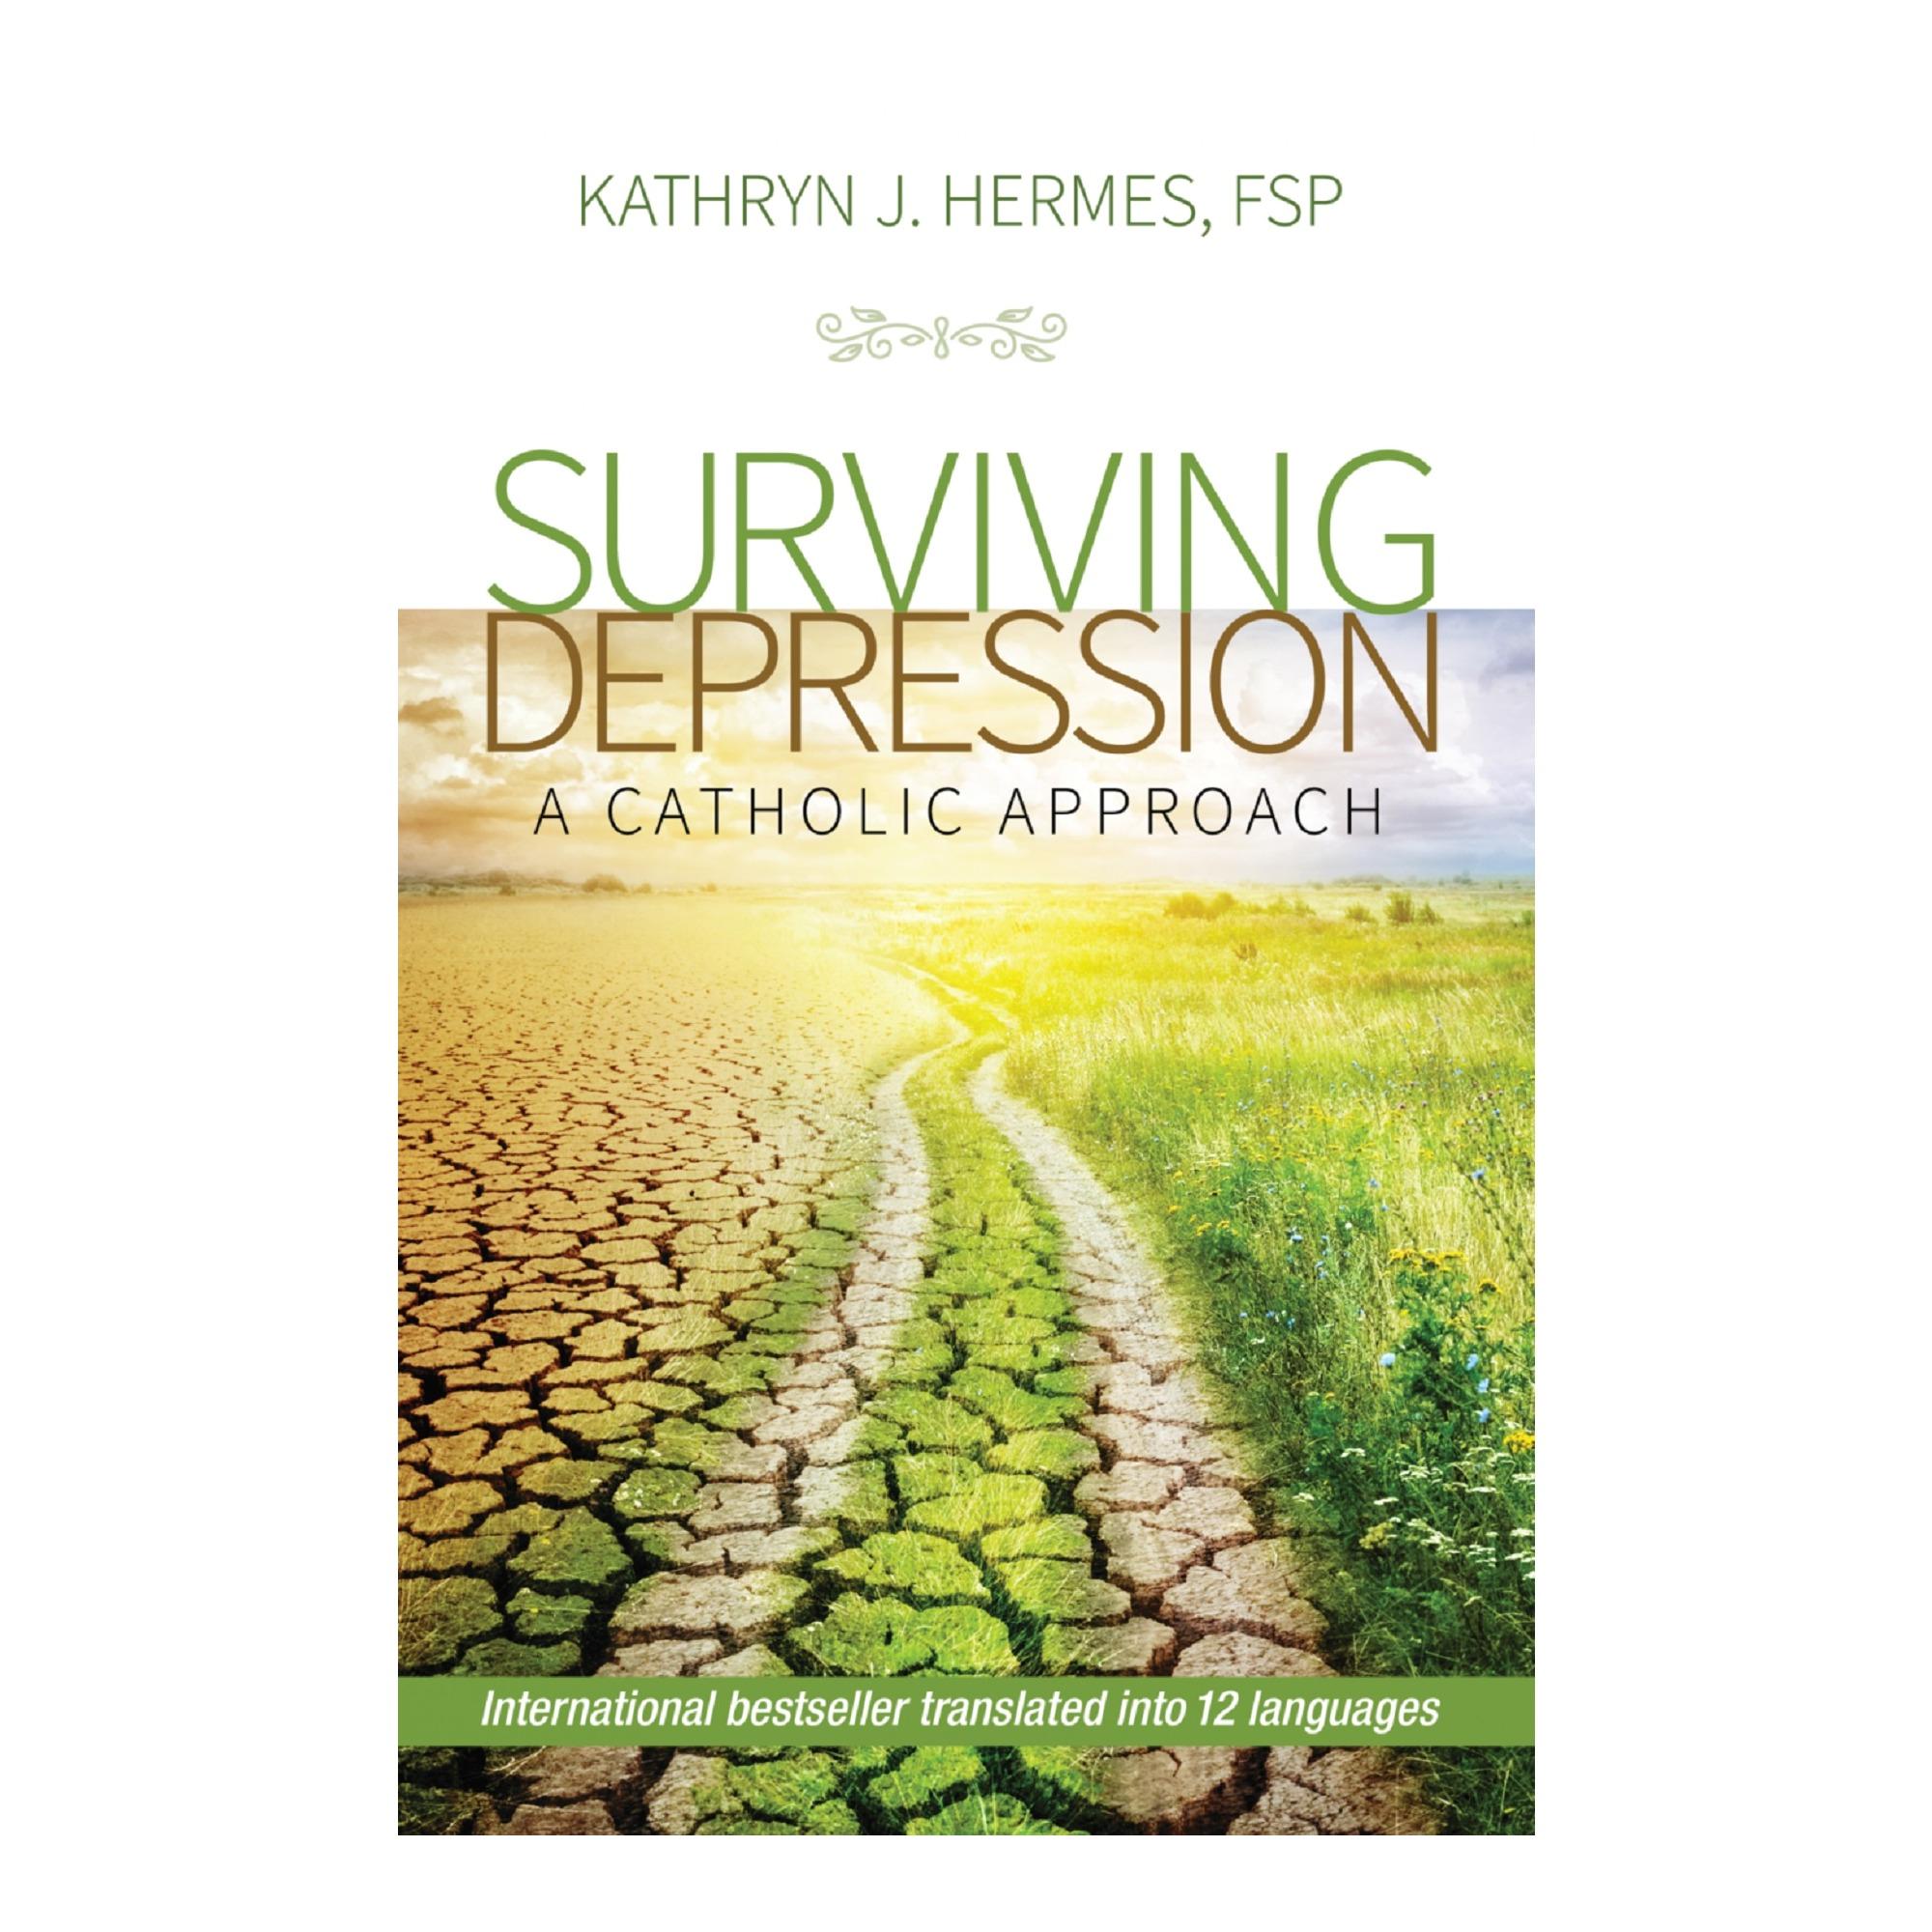 Catholic depression